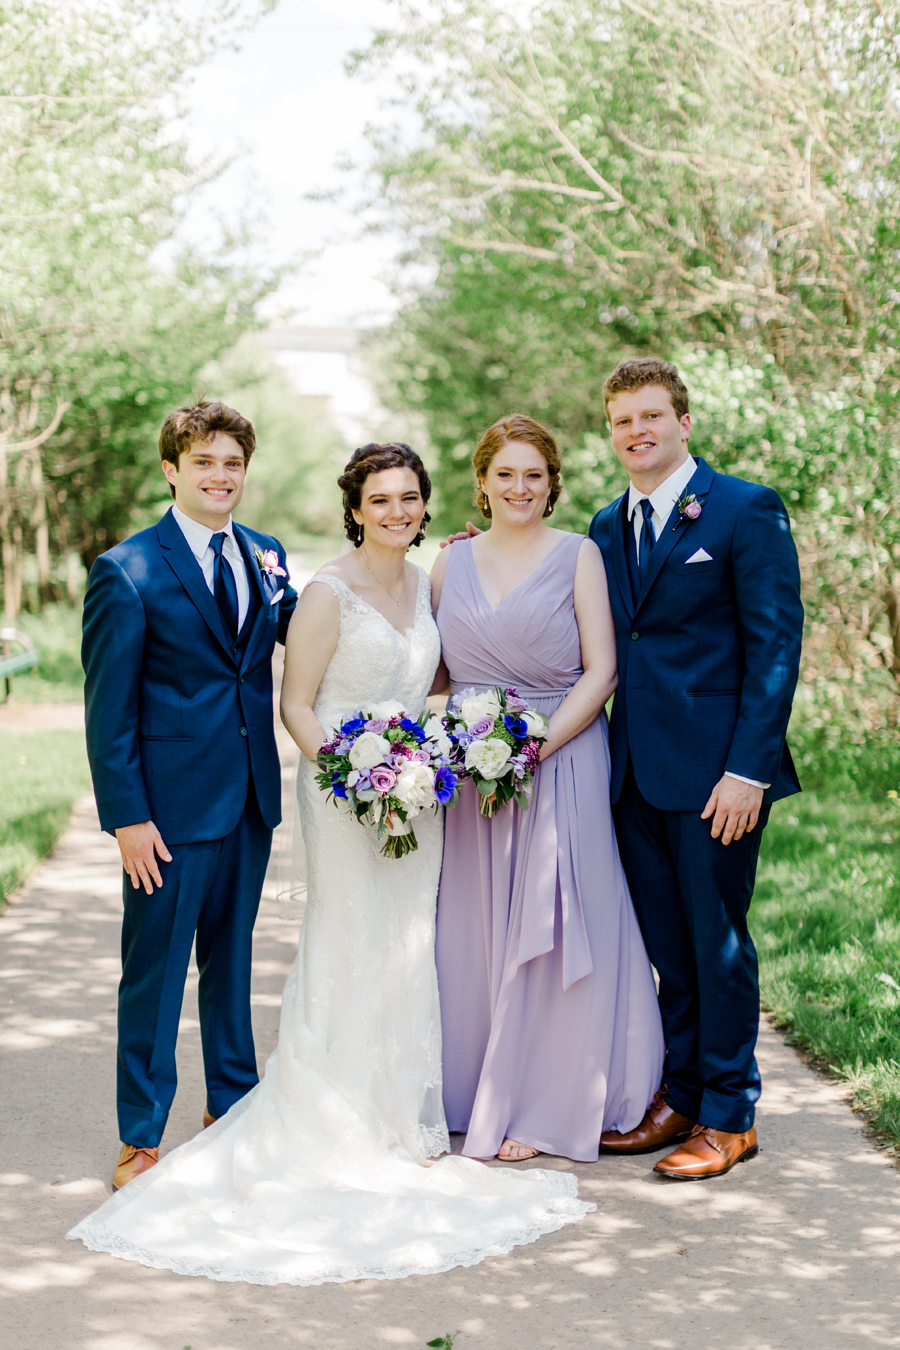 lambeaufieldwedding025.jpg